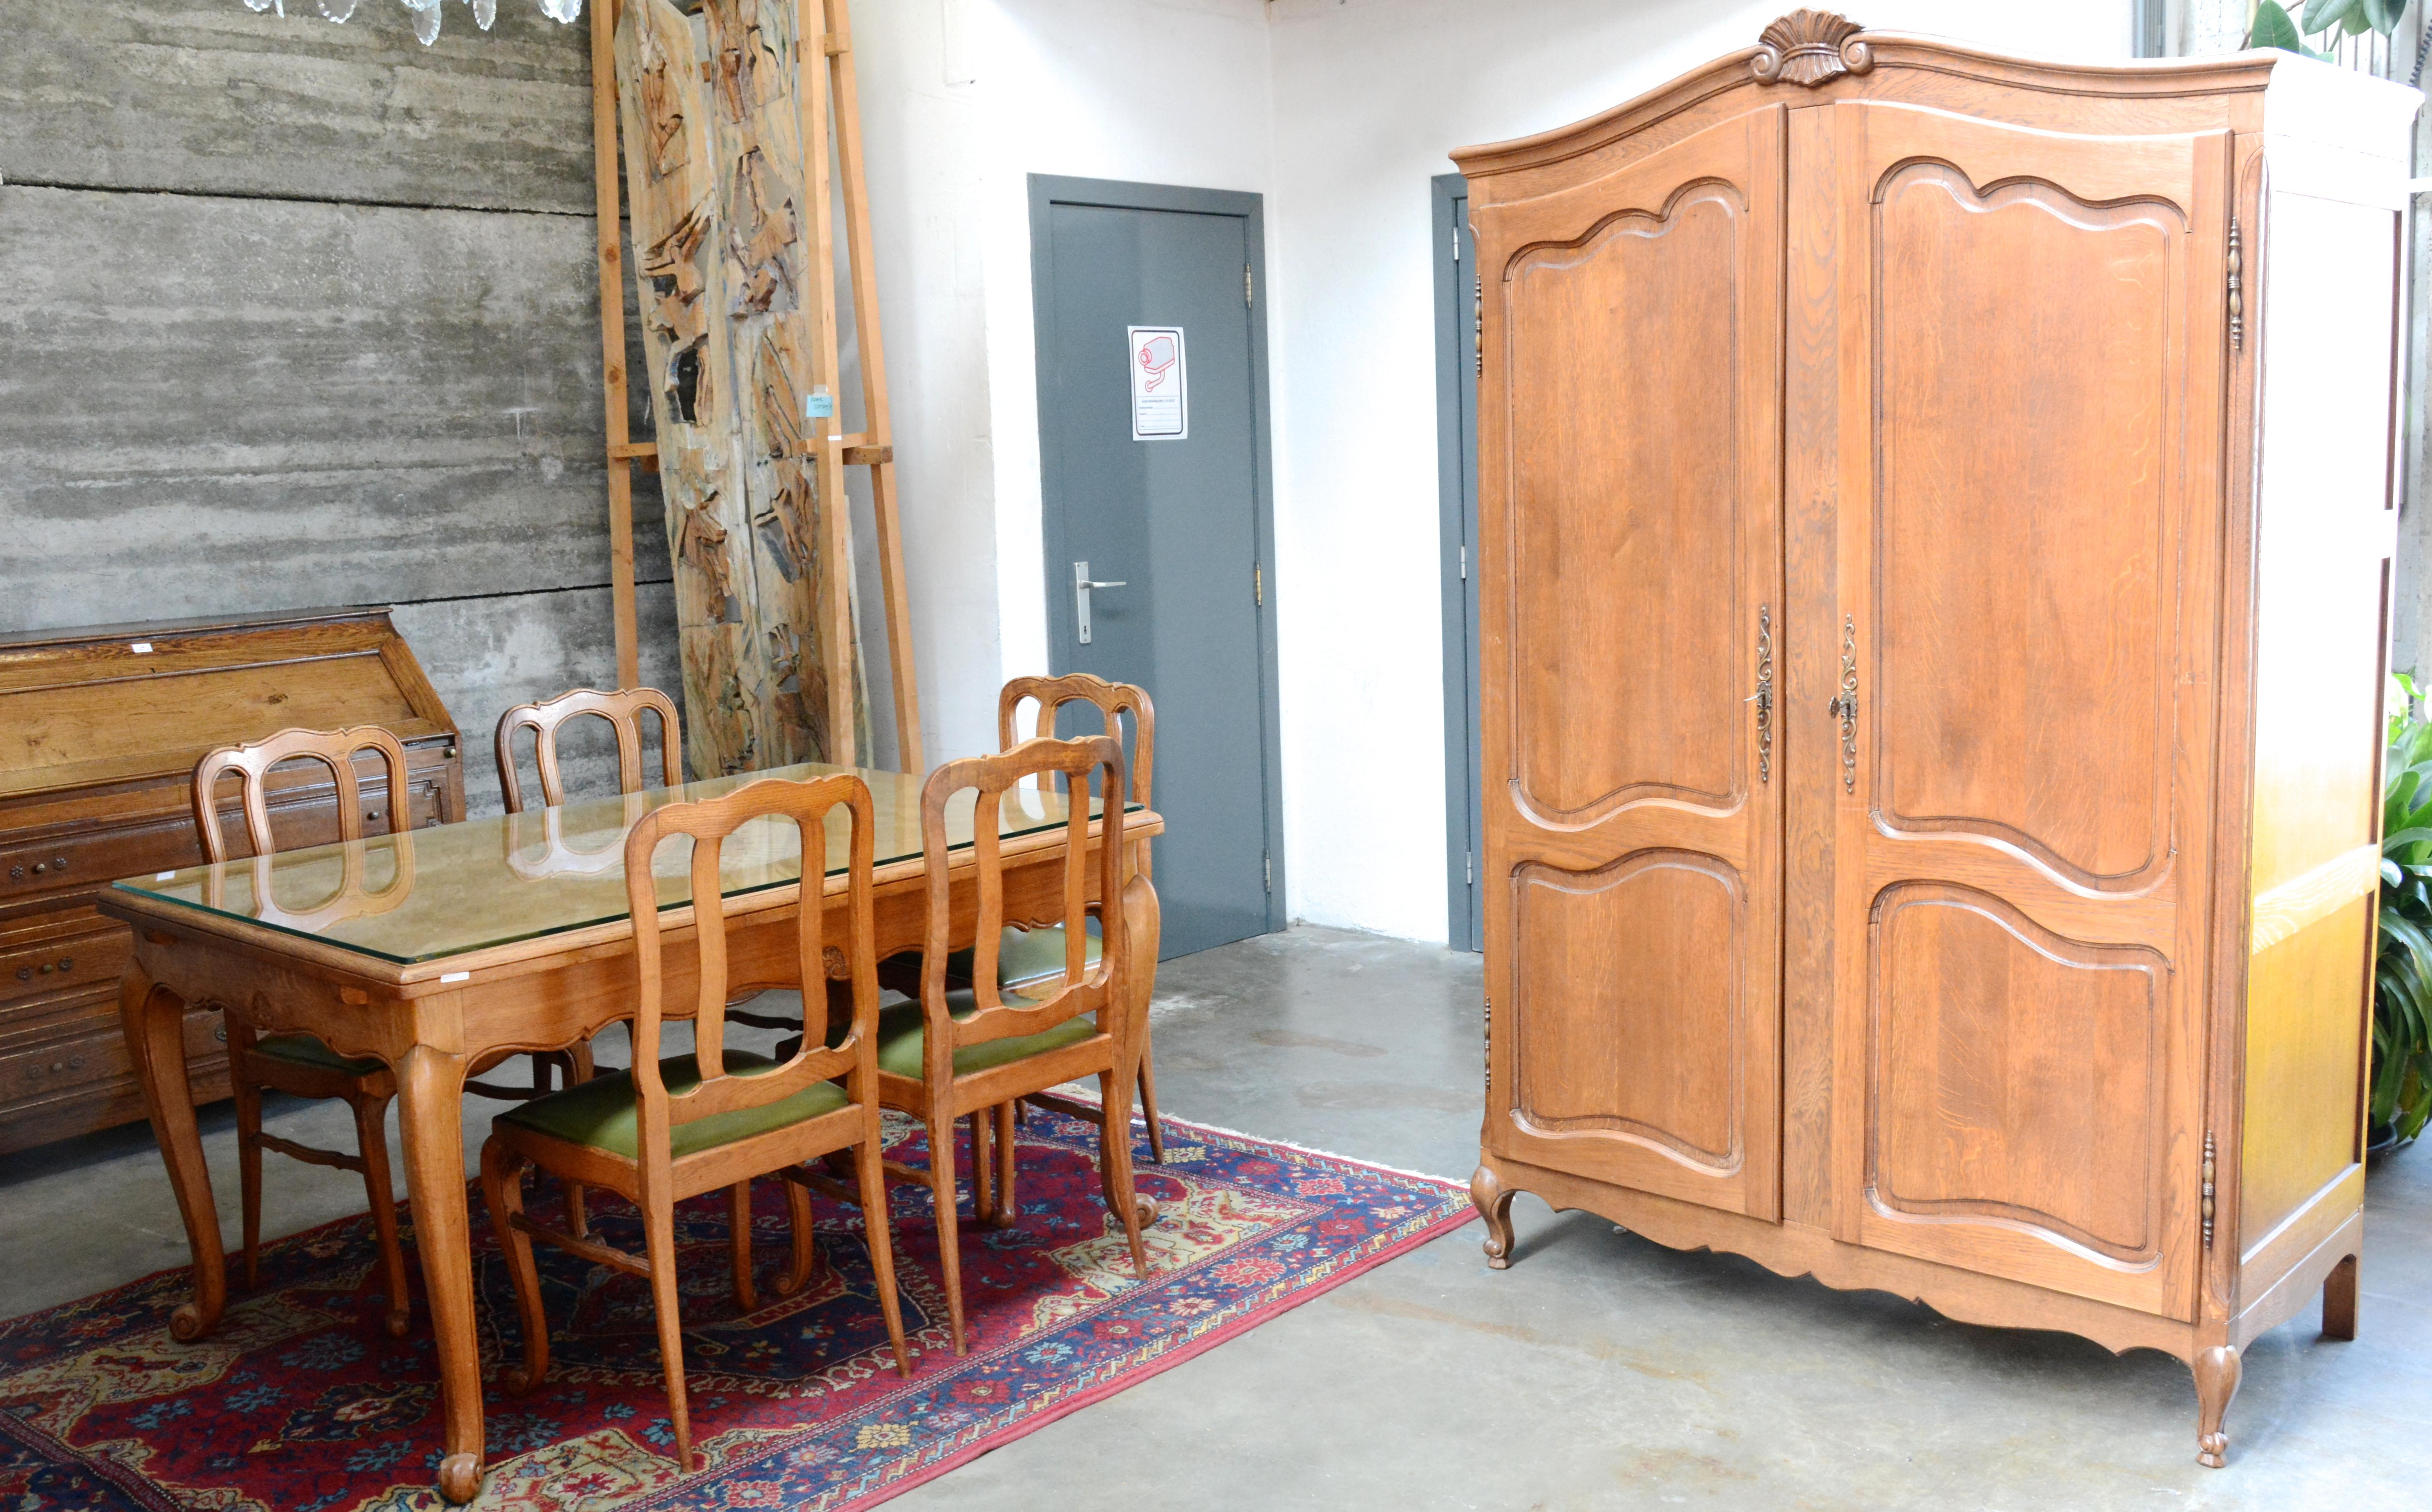 Een eetkamer van gesculpteerd eikenhout in lodewijk xv stijl bestaande uit een tafel met zes - Garderobe stijl van lodewijk xv ...